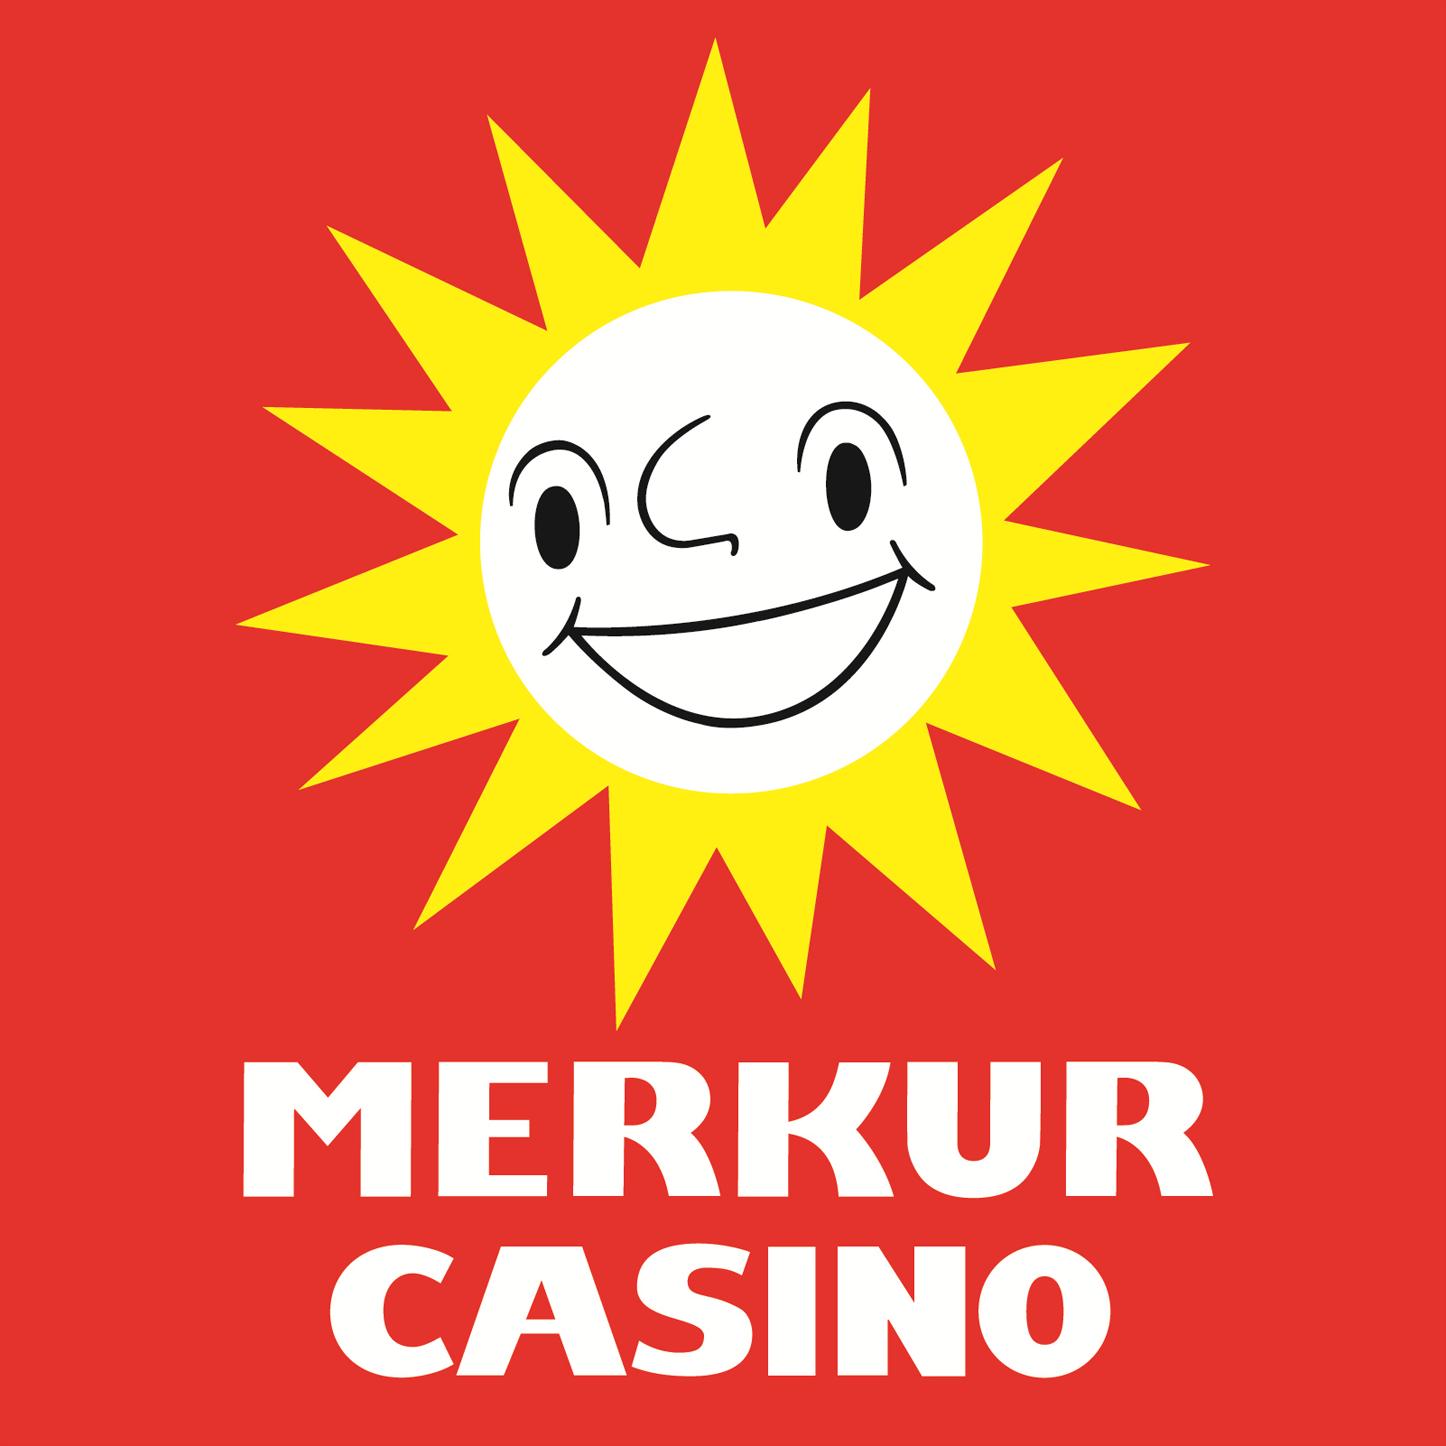 Merkur Casino Online Free